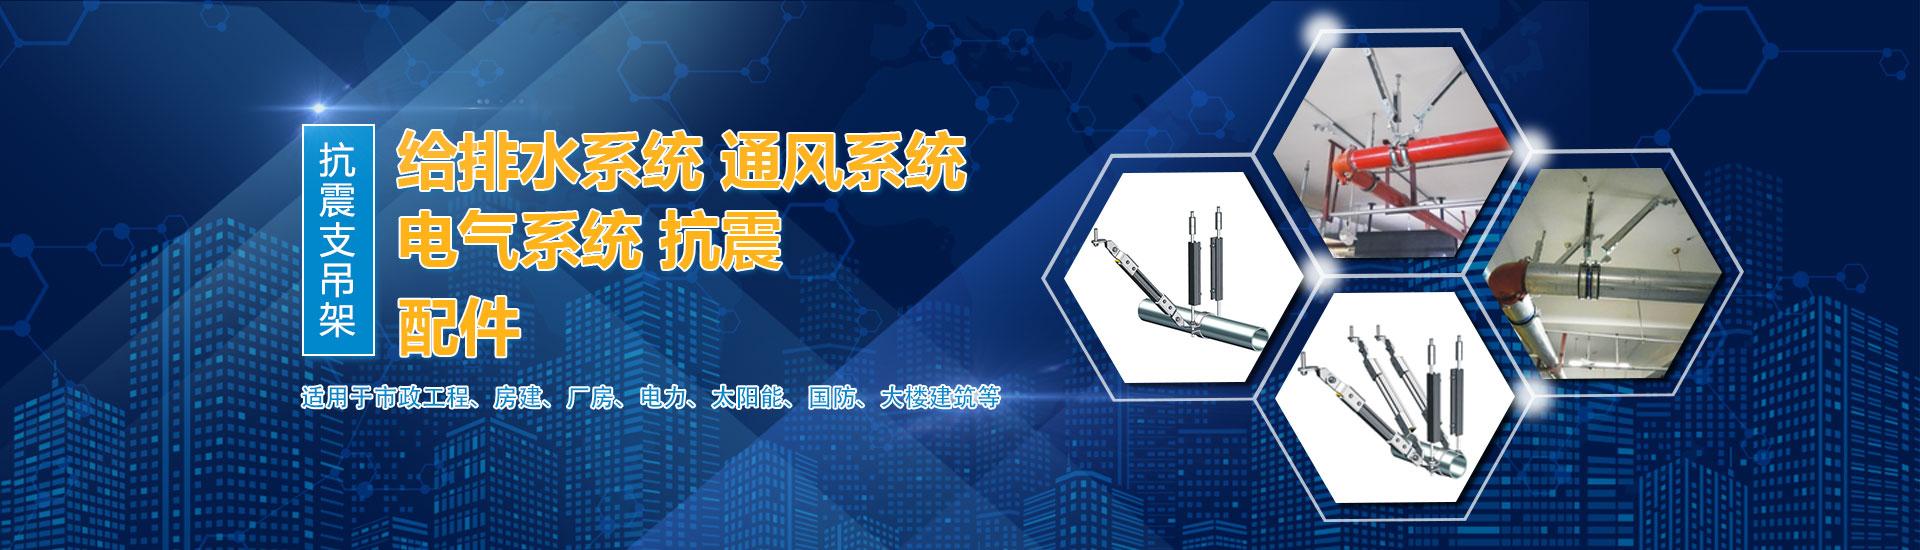 抗震支架方案设计